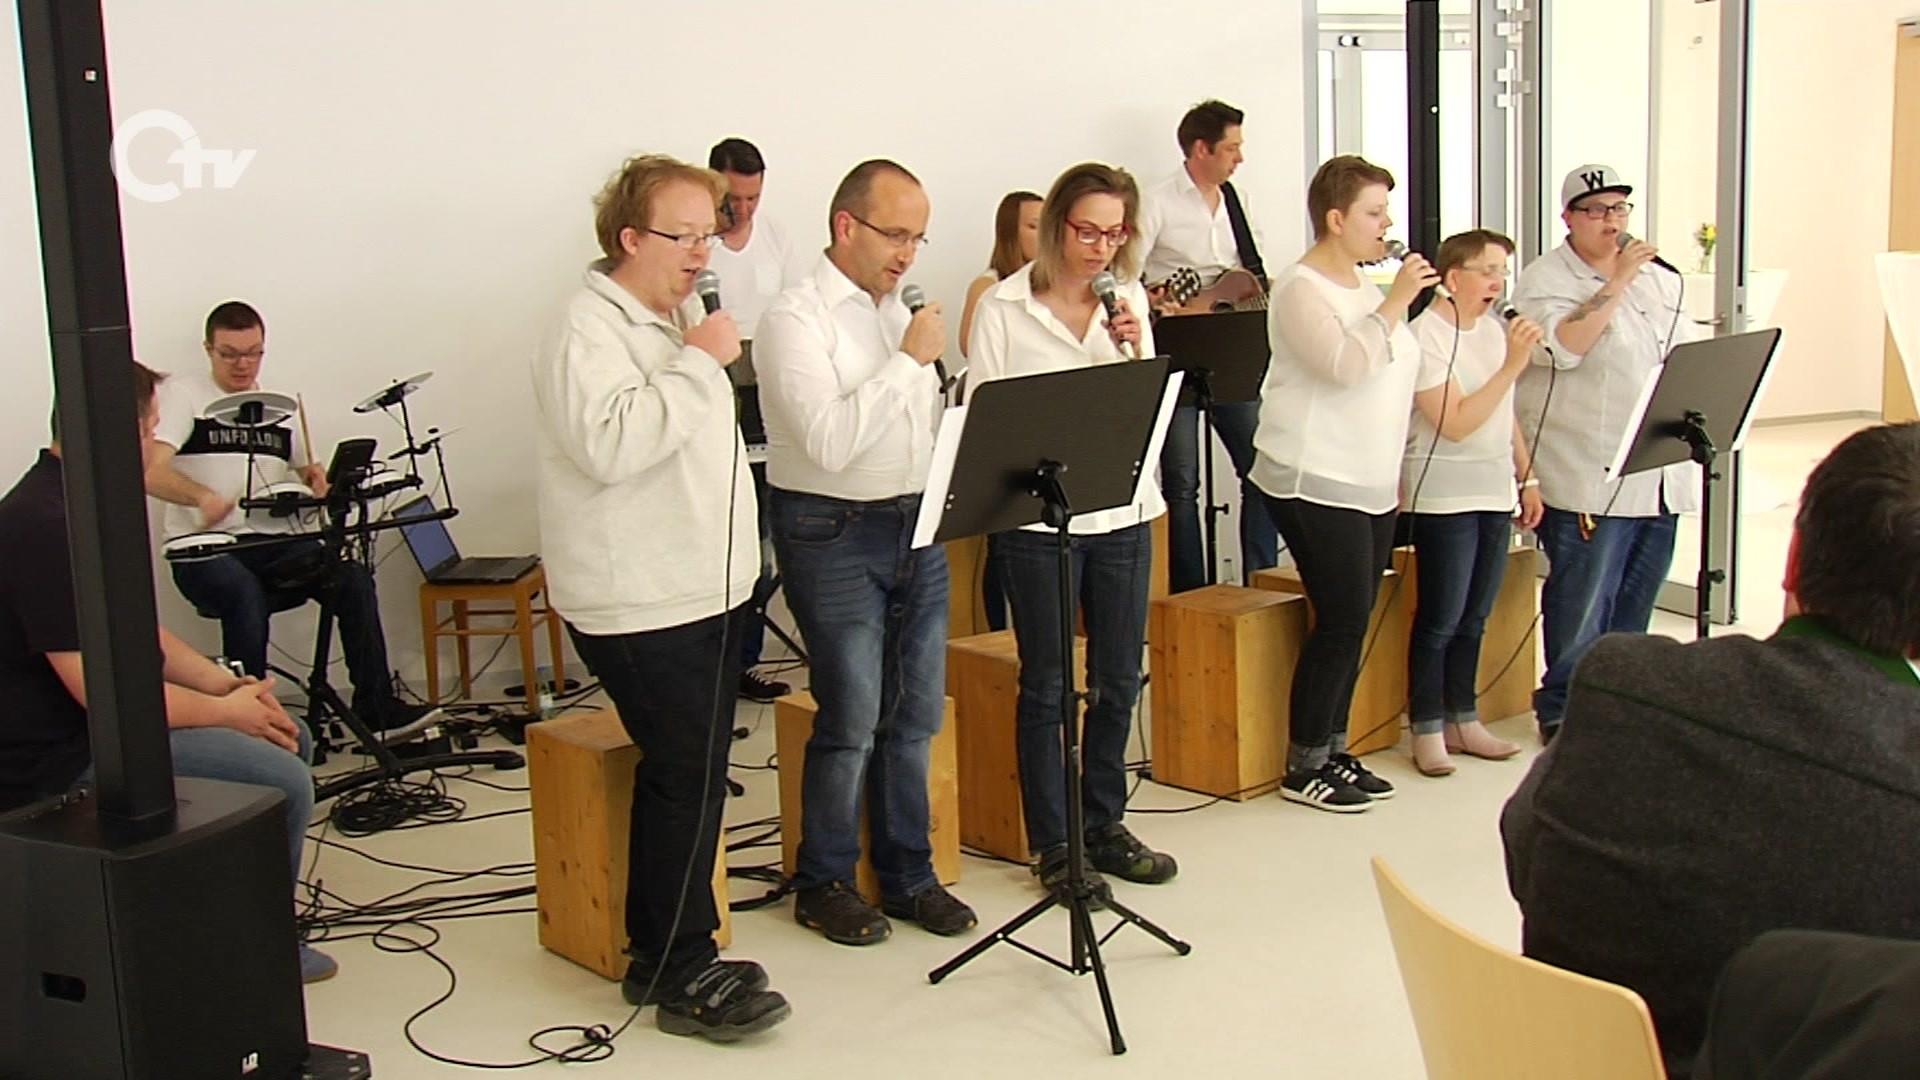 Nett Juraschule Gliederung Vorlage Bilder - Entry Level Resume ...